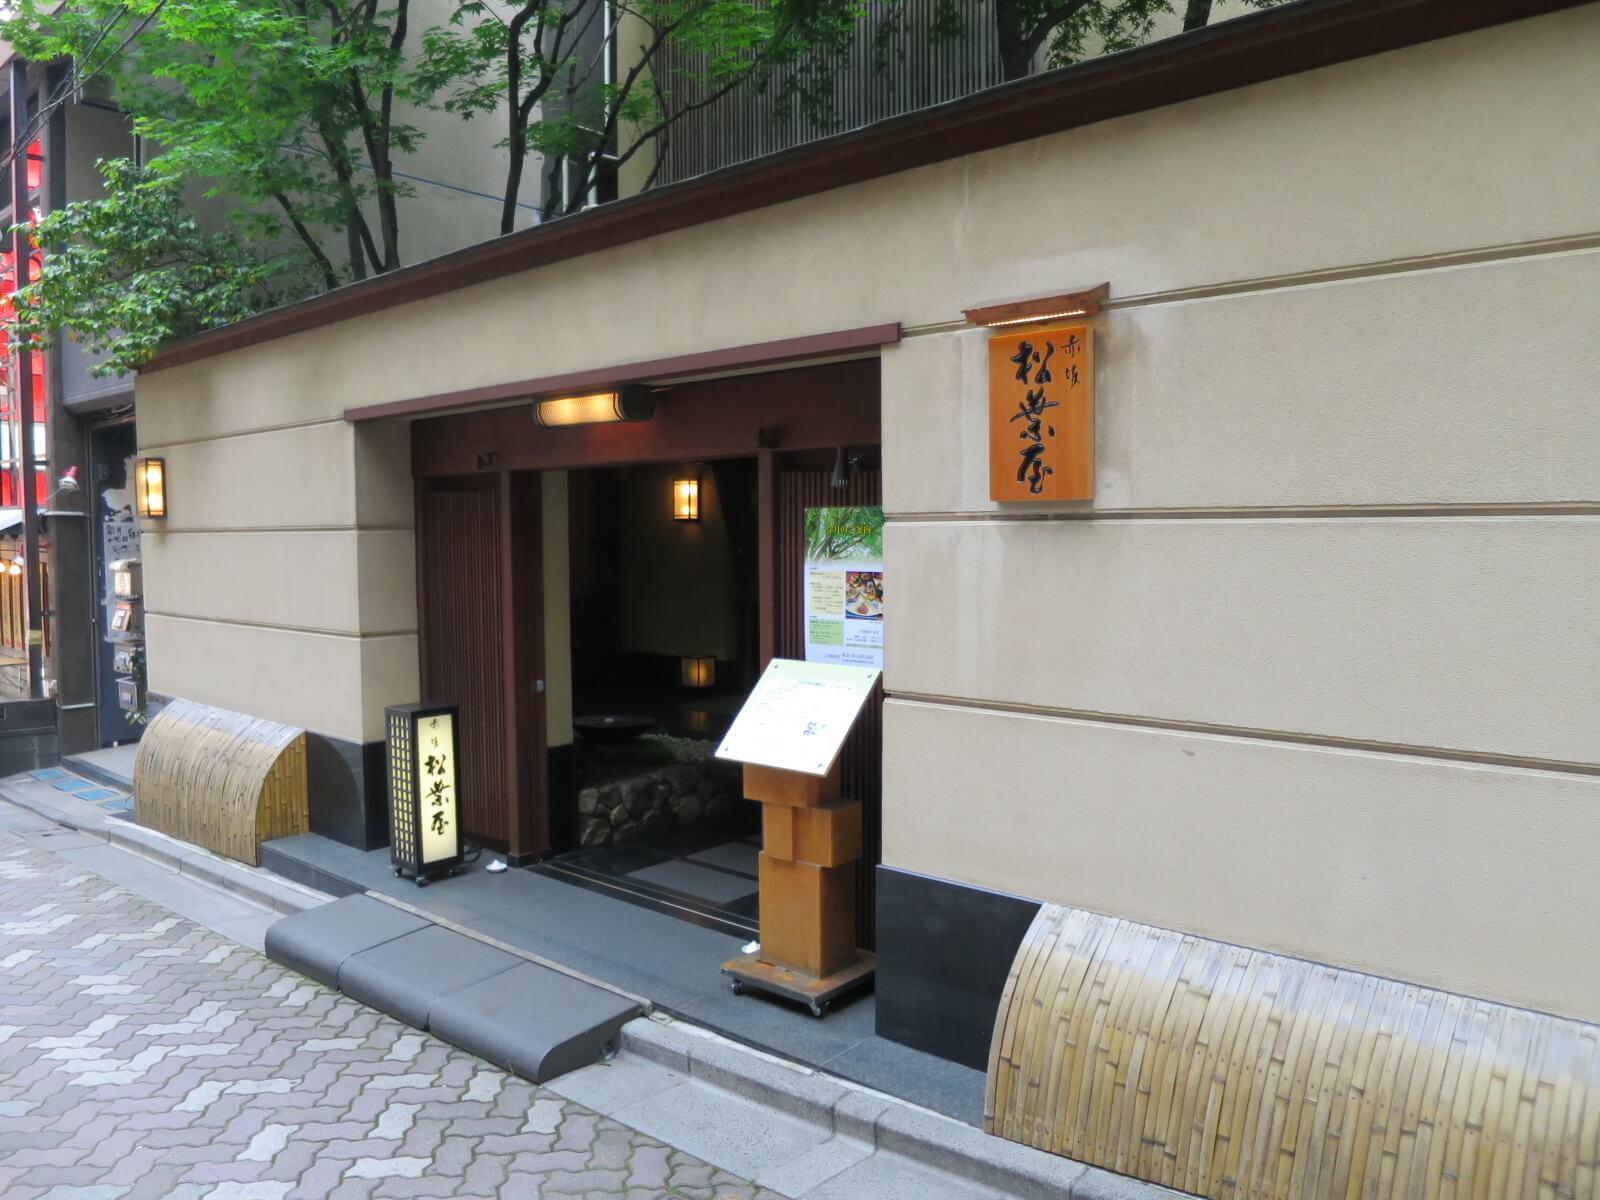 赤坂 松葉 屋 ランチ